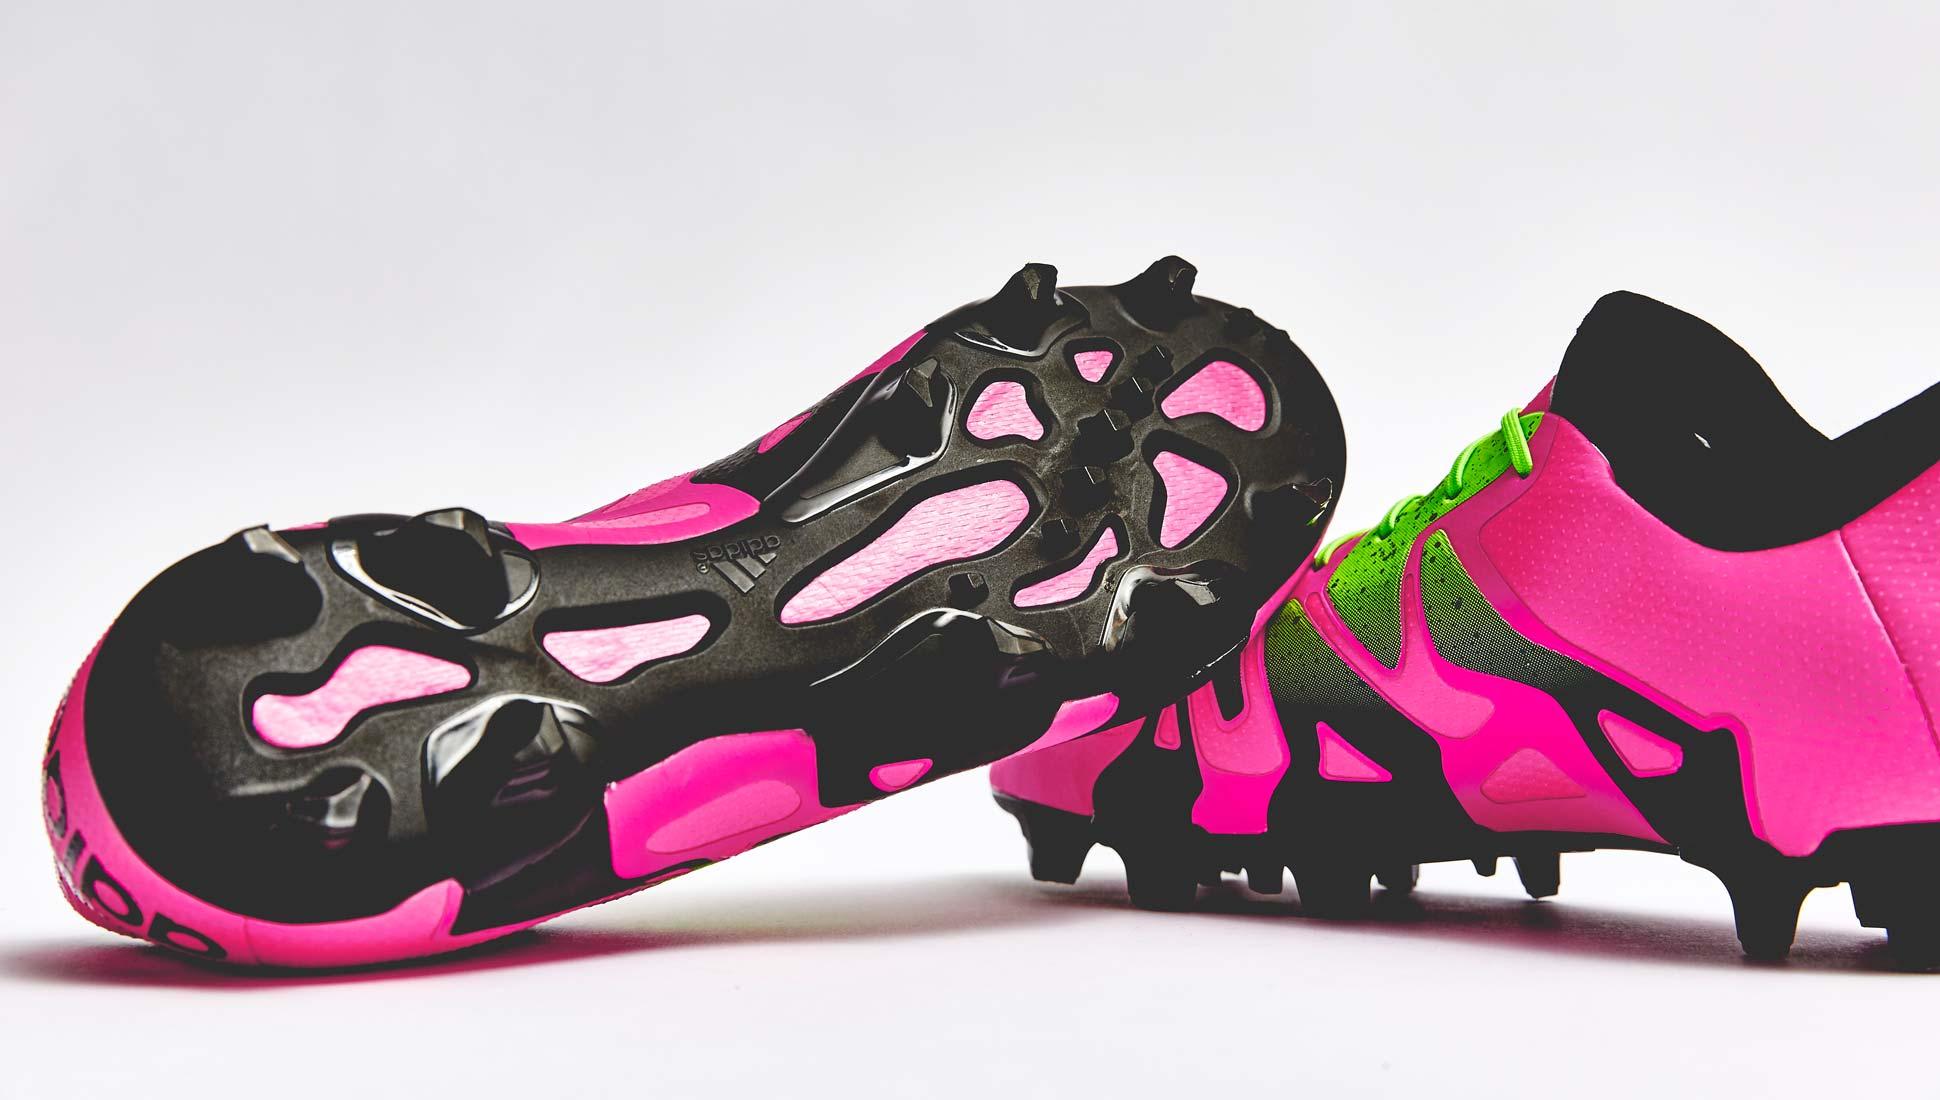 kickster_ru_x15-pink-img5